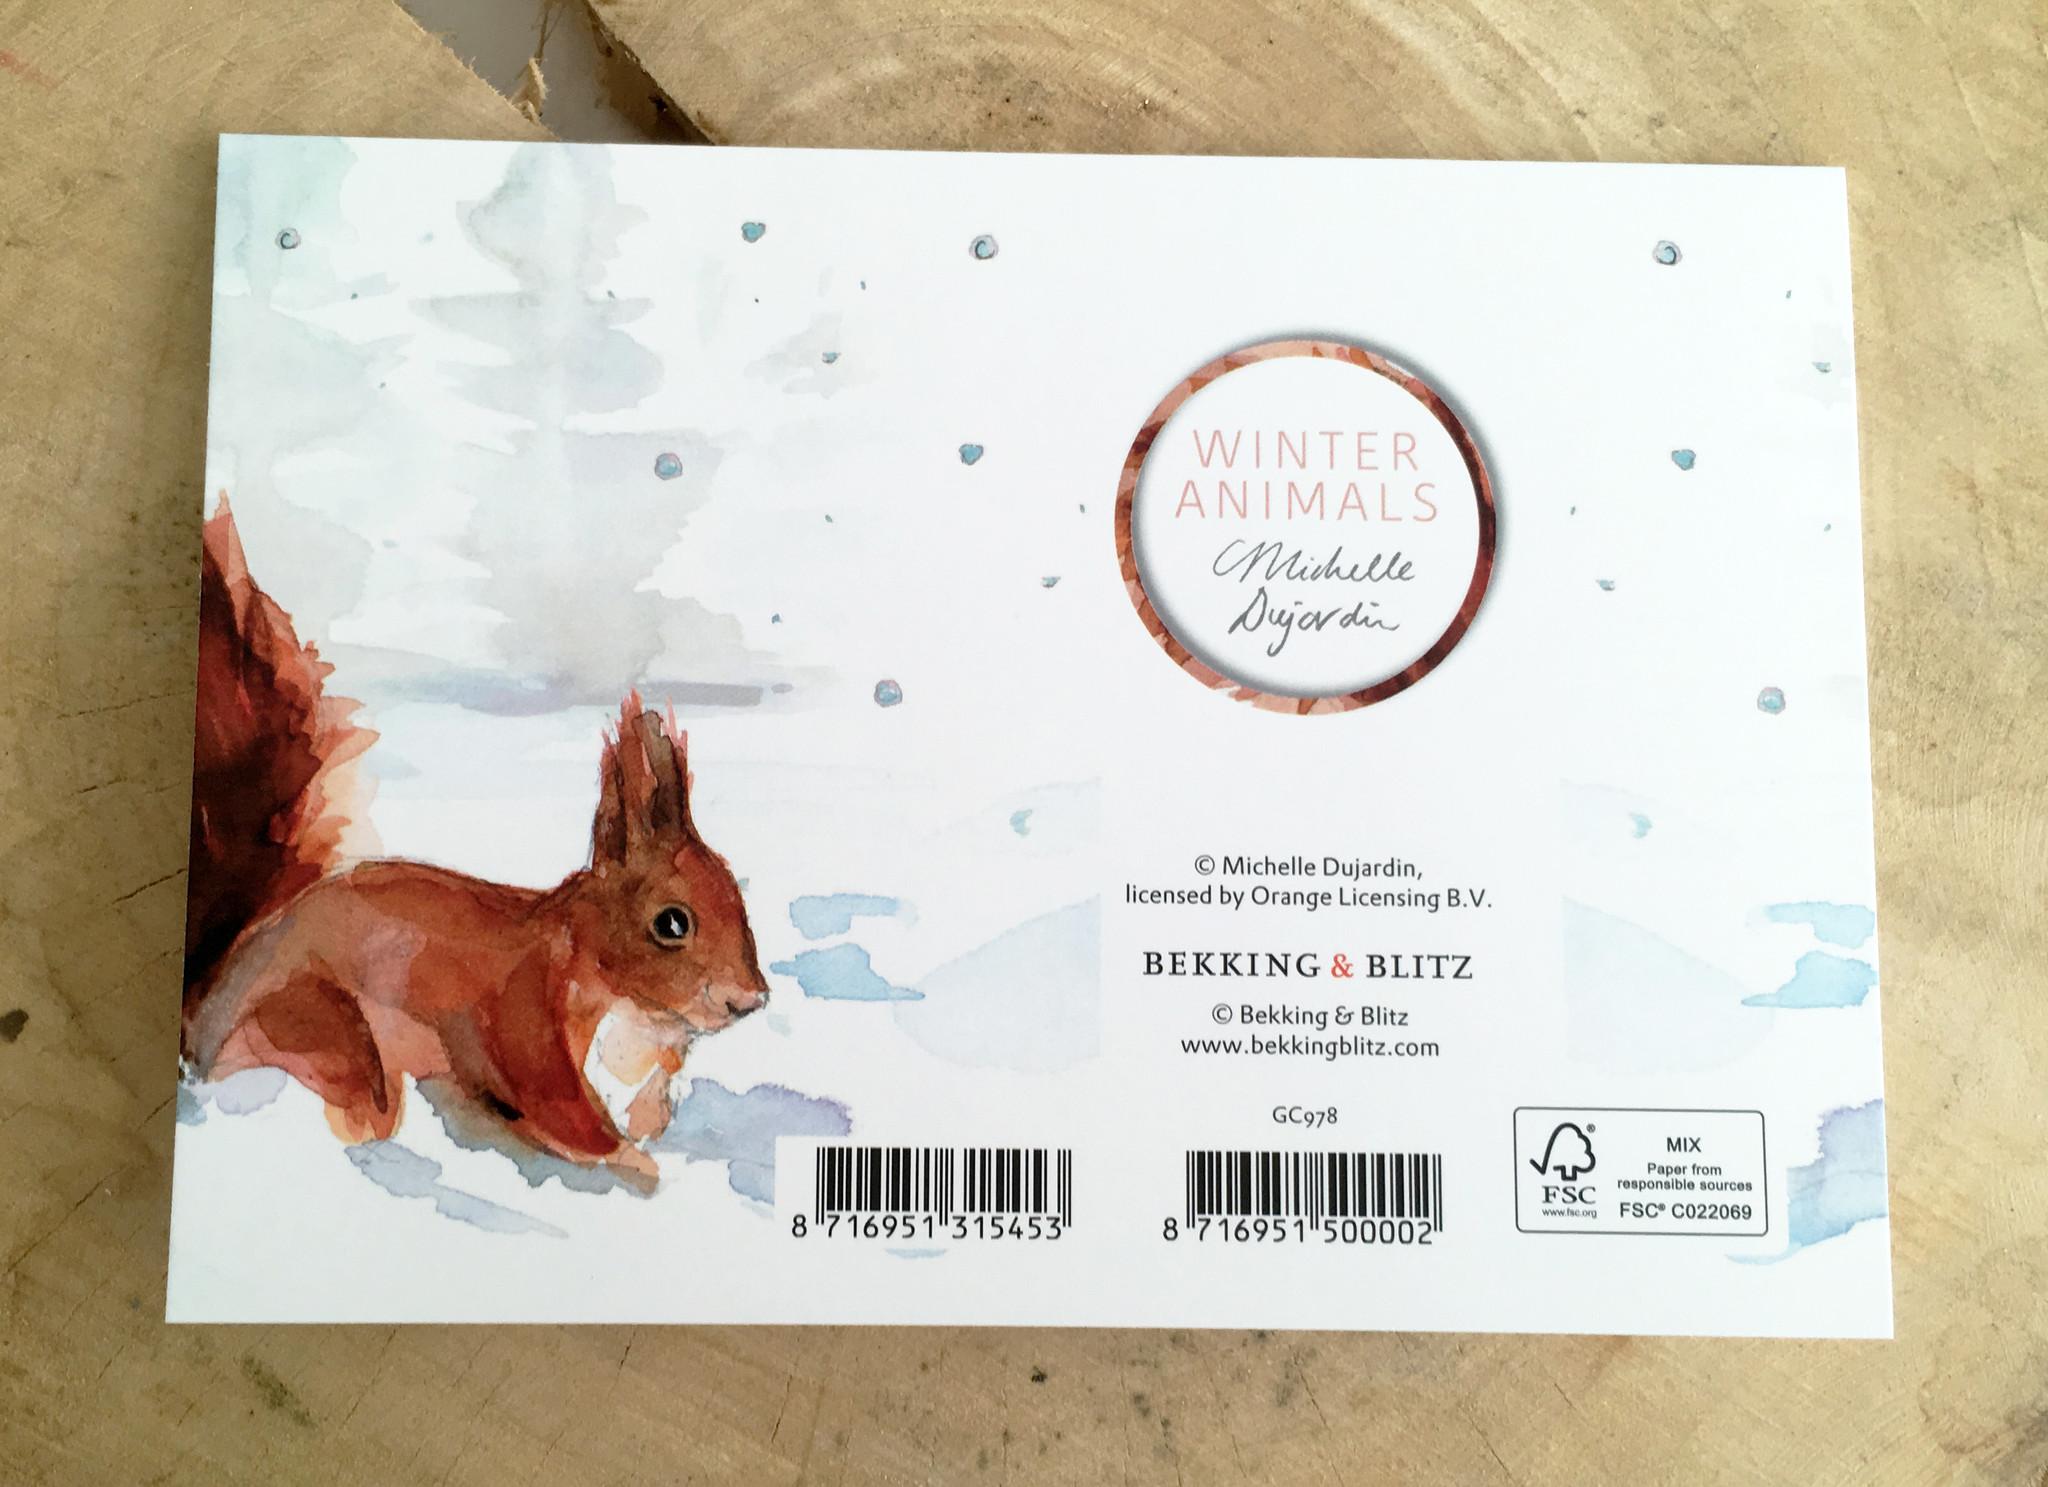 Winter wenskaart (naar keuze) met envelop